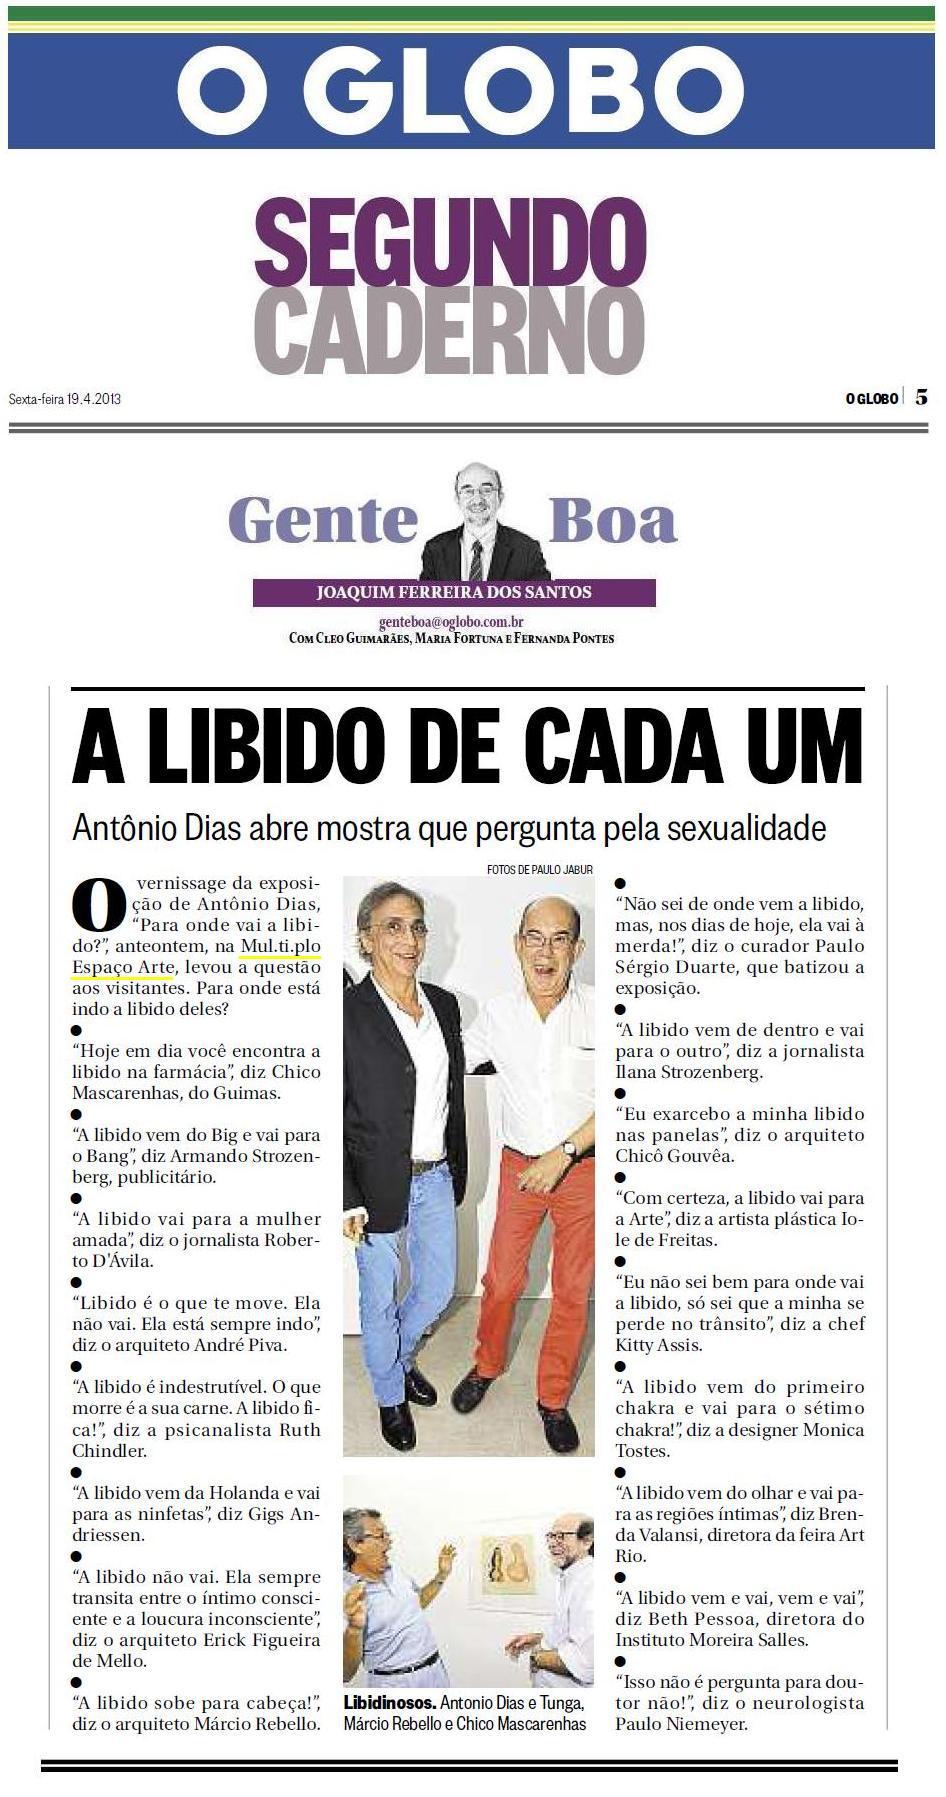 MÚL.TI.PLO ESPAÇO ARTE NO SEGUNDO CADERNO 19.04.2013.JPG